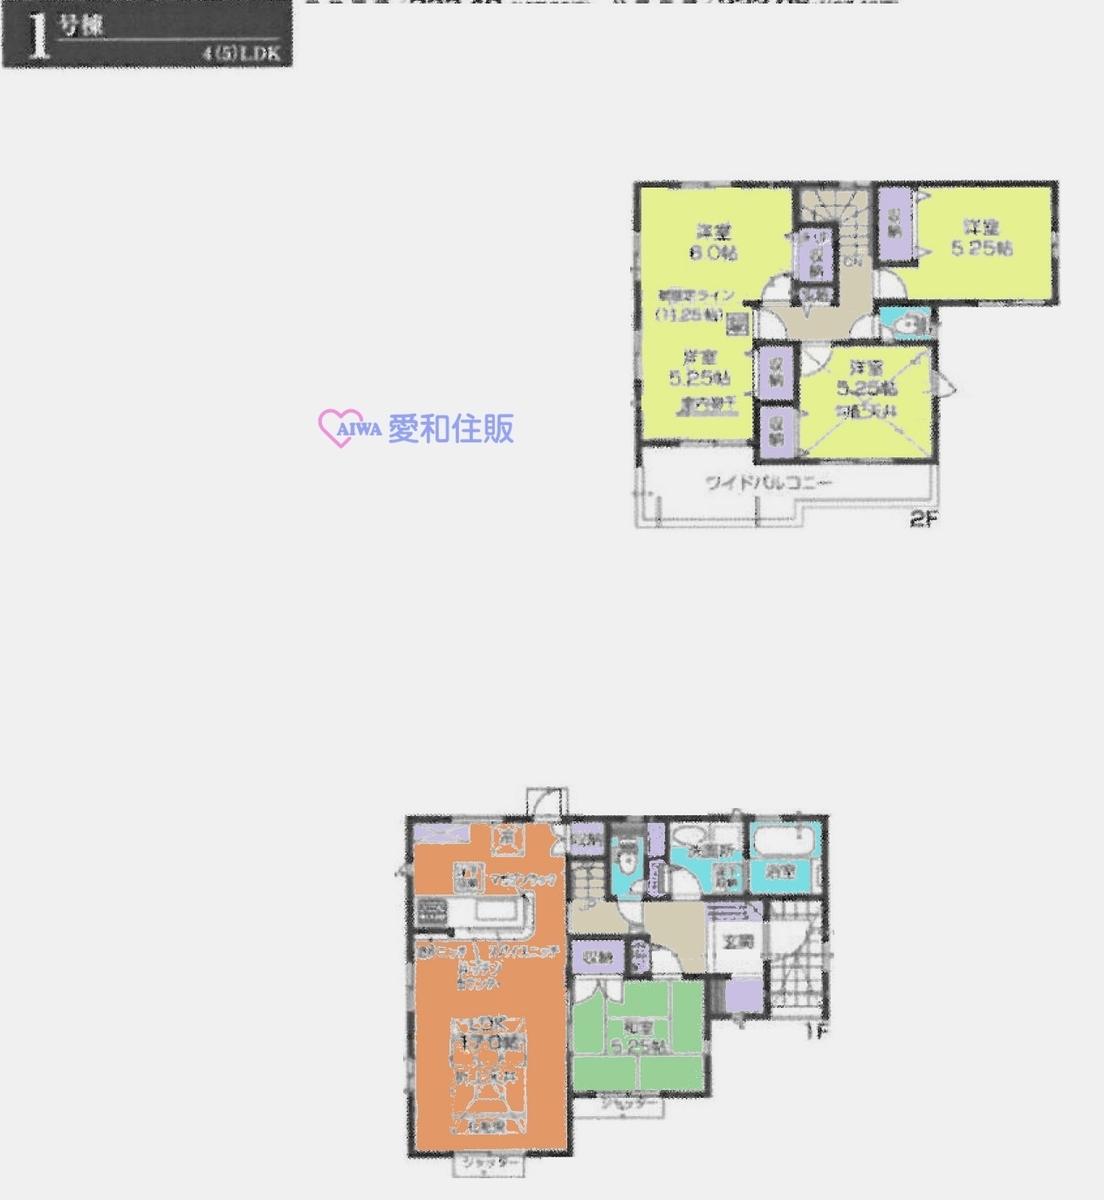 東松山市桜山台の新築戸建て建売分譲物件の間取り図